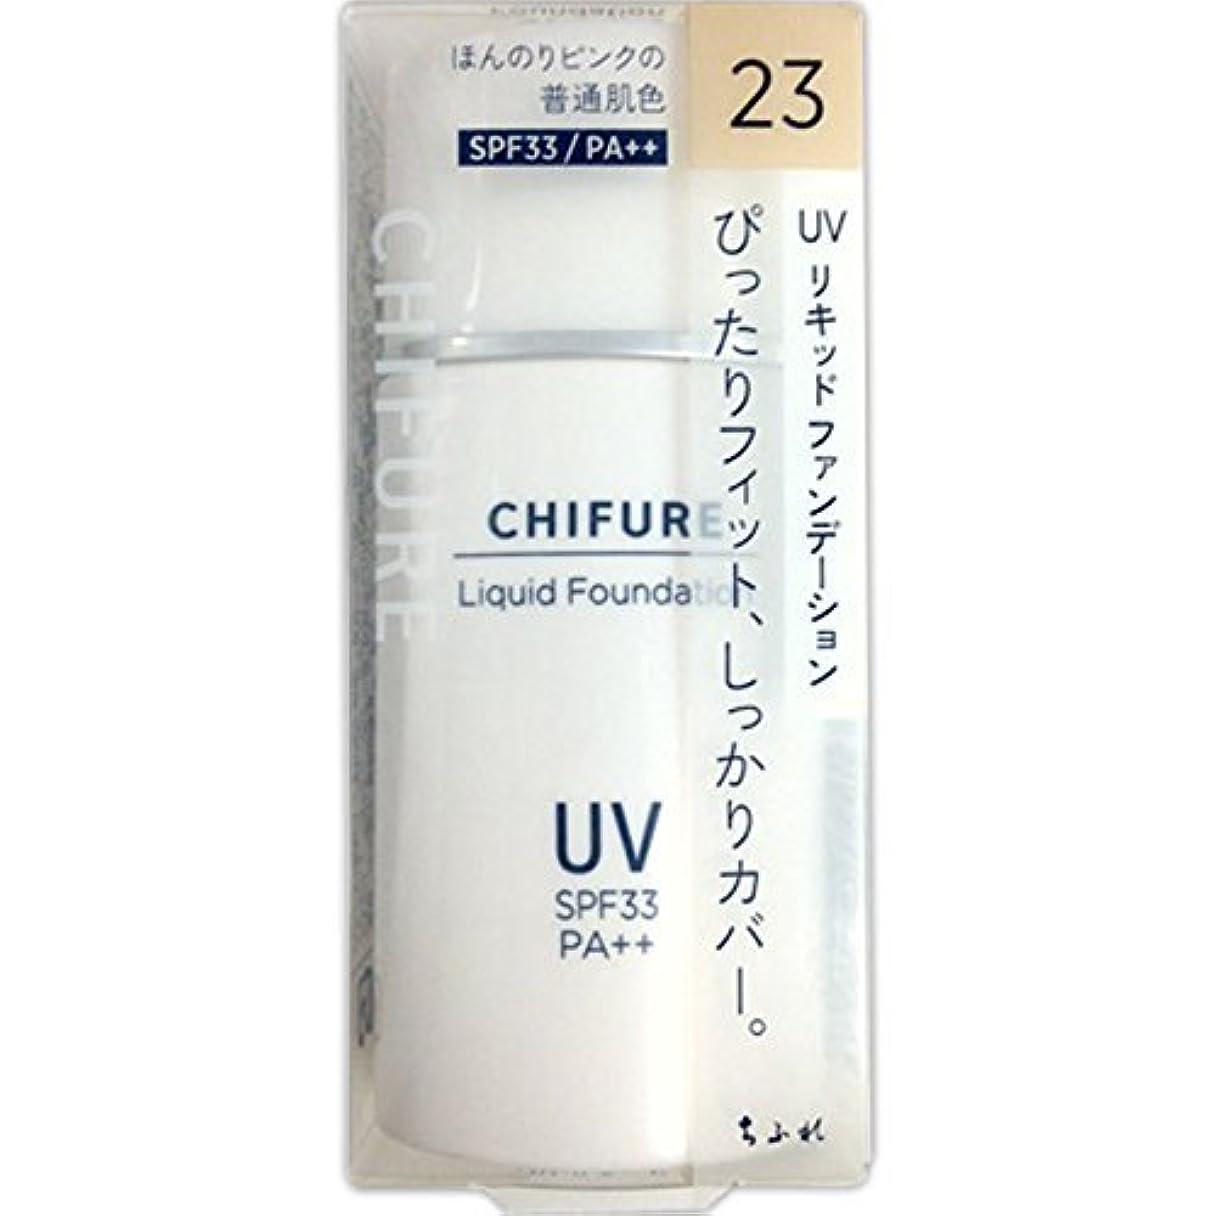 貧困灌漑支配的ちふれ化粧品 UV リキッド ファンデーション 23 ほんのりピンク普通肌色 30ML